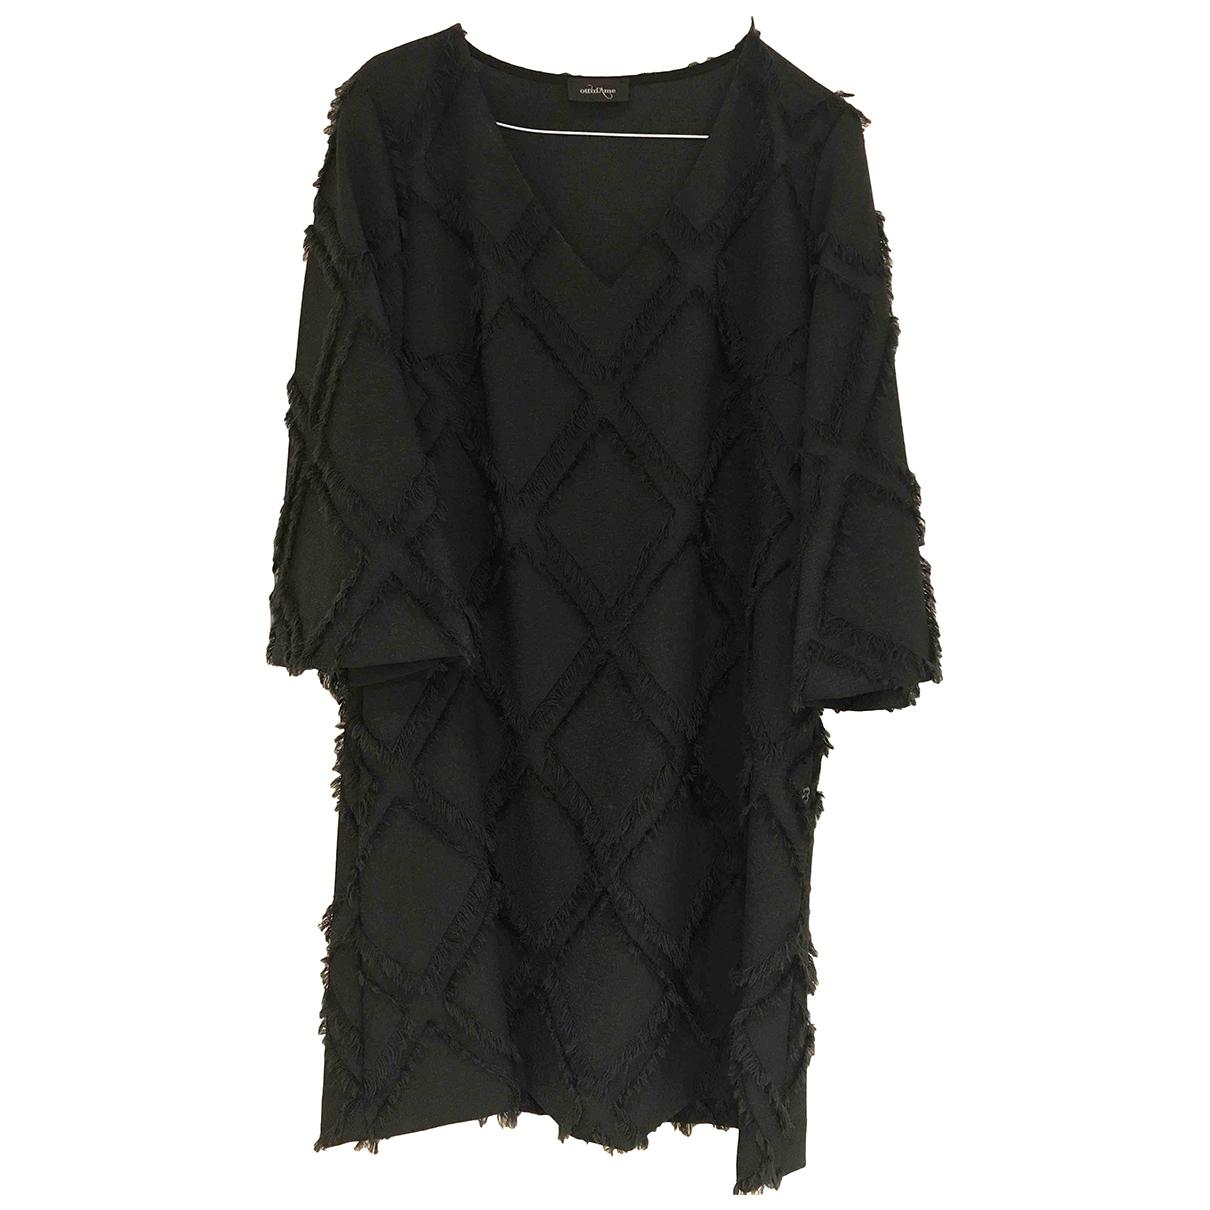 Ottodame \N Kleid in  Gruen Polyester